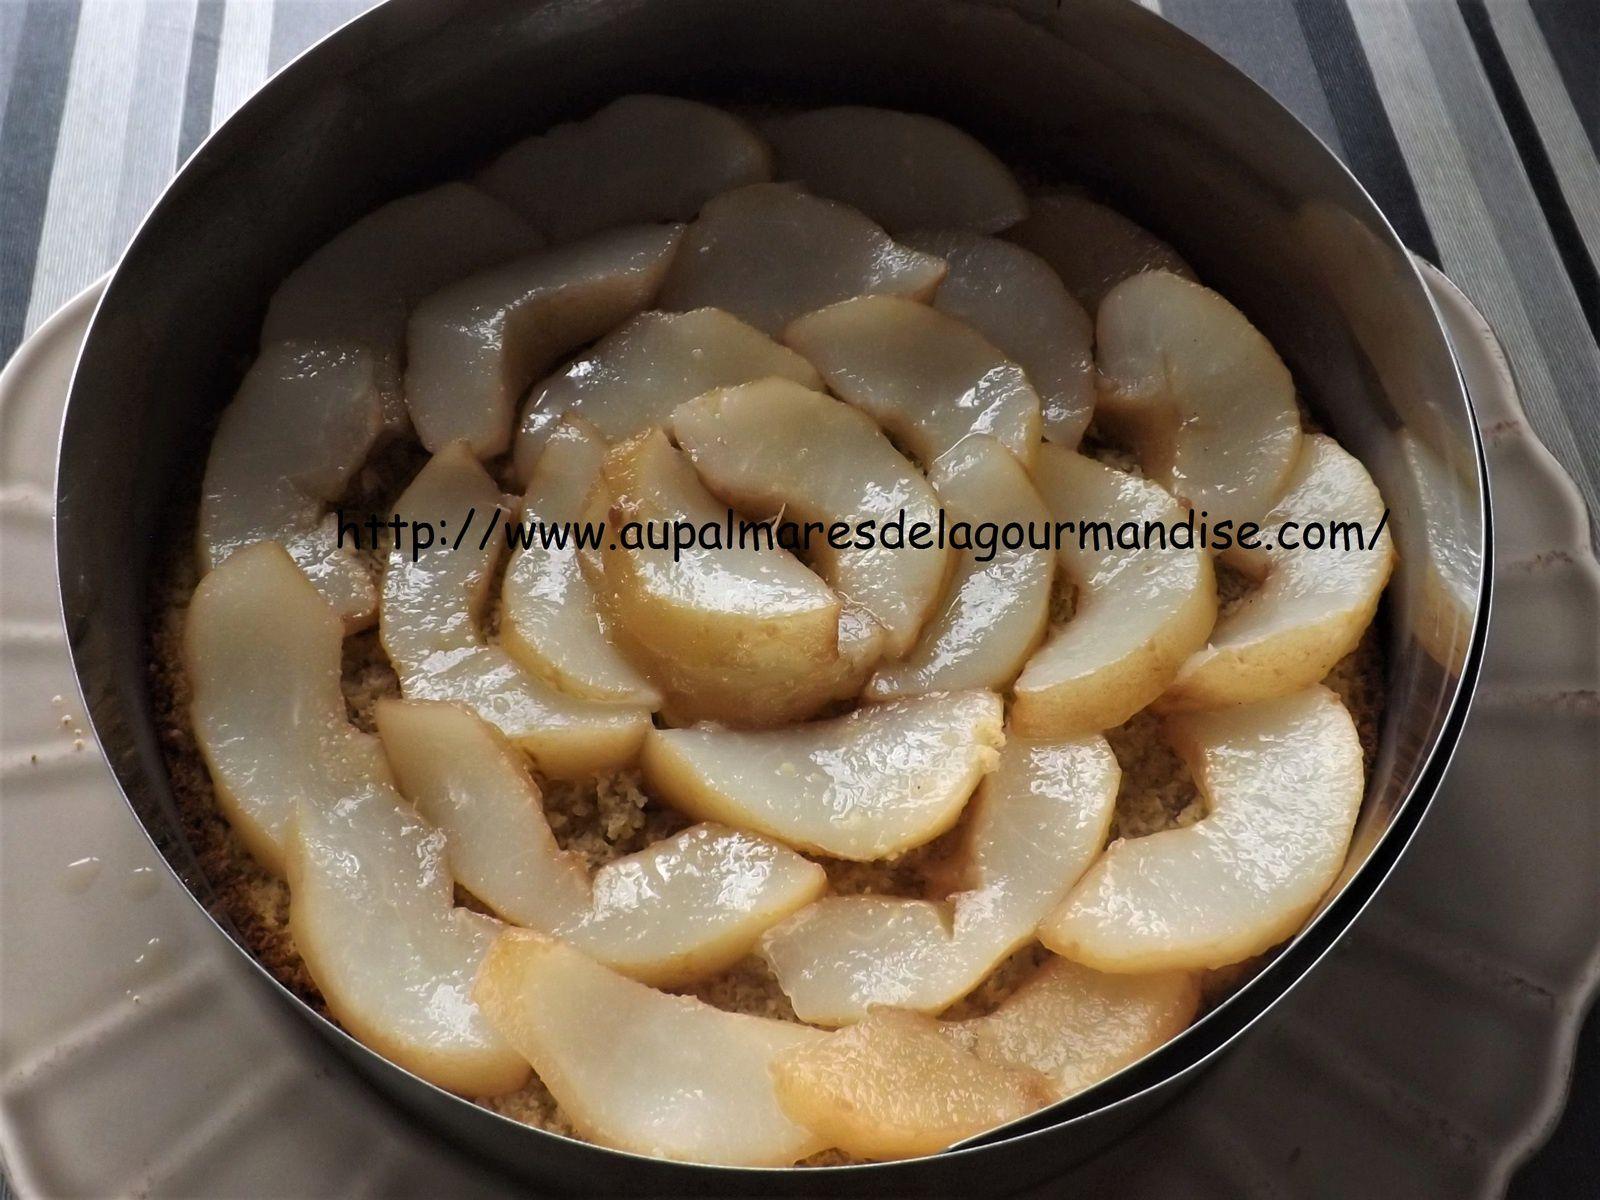 Délicieux entremet aux poires,glaçage caramel beurre salé  IG bas